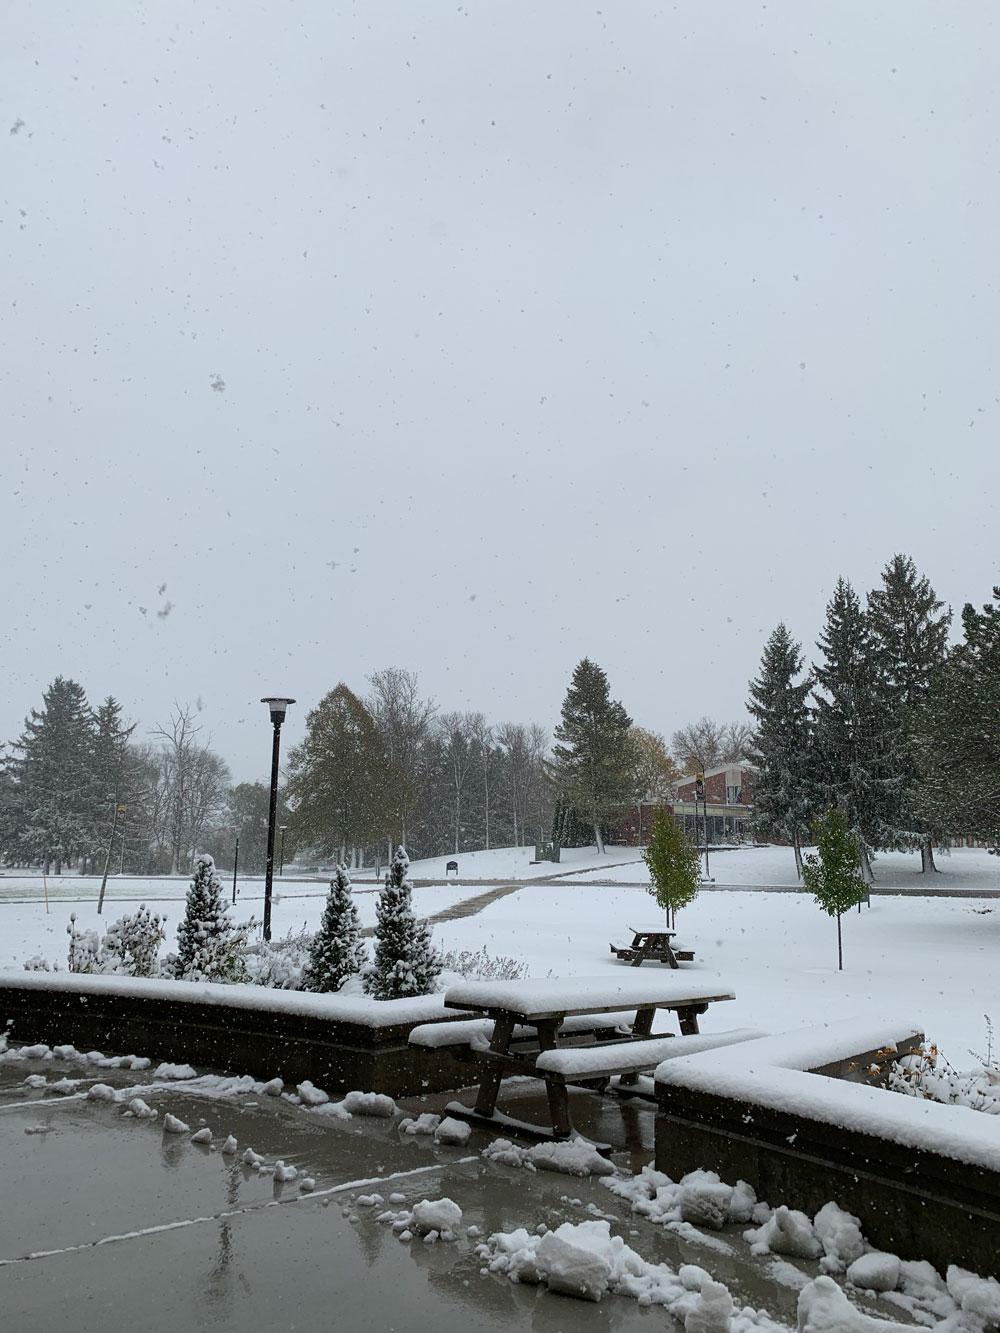 アメリカ ウィスコンシン州ではハロウィーンに初雪!?